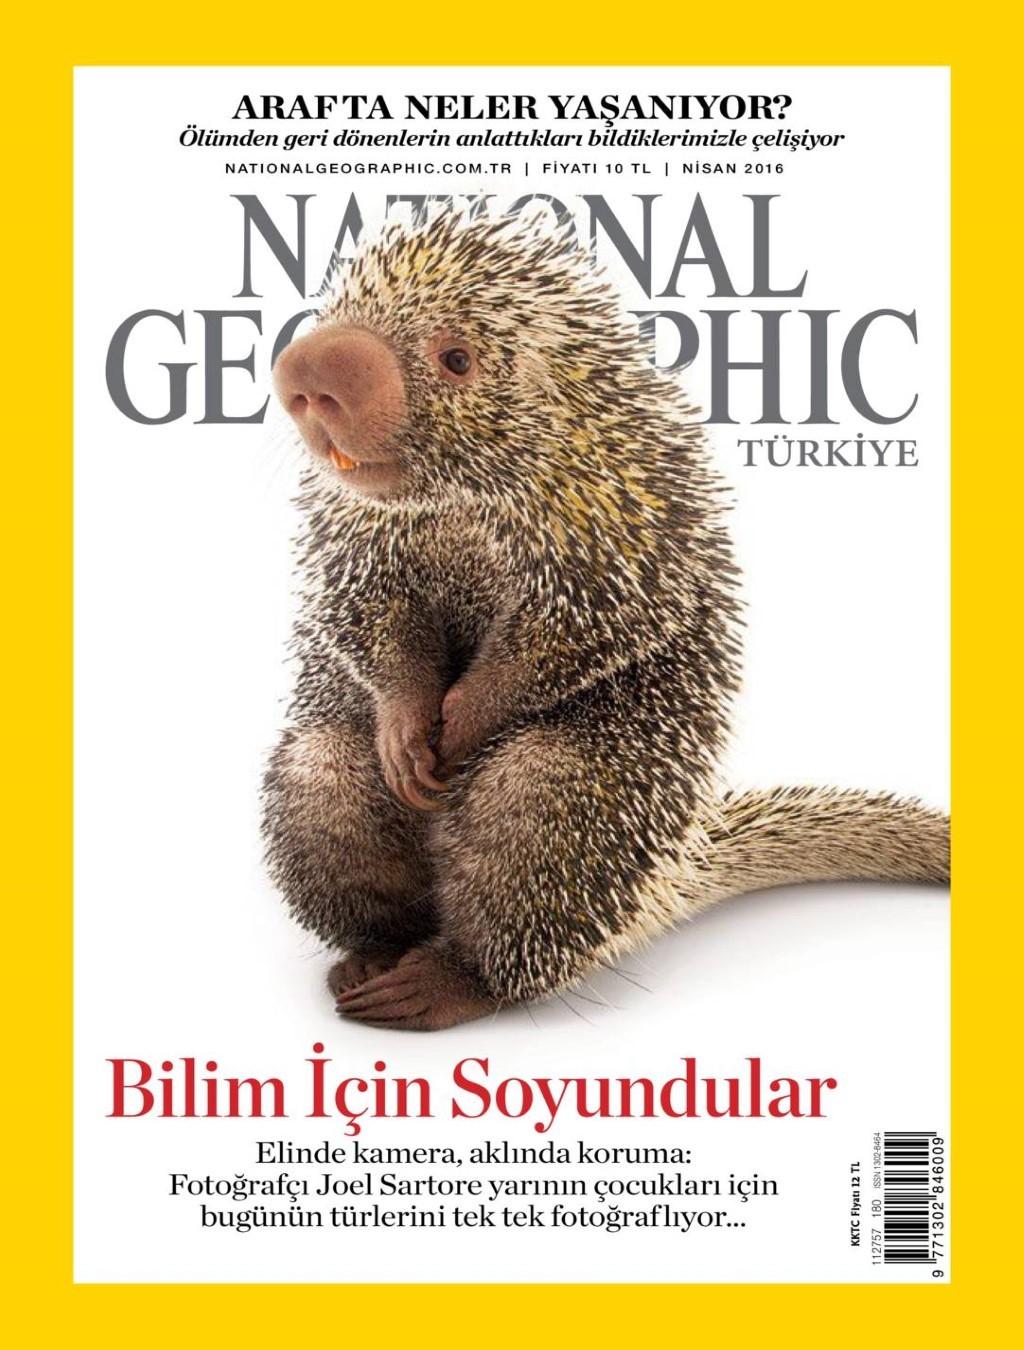 National Geographic Nisan E-dergi indir Sandalca.com